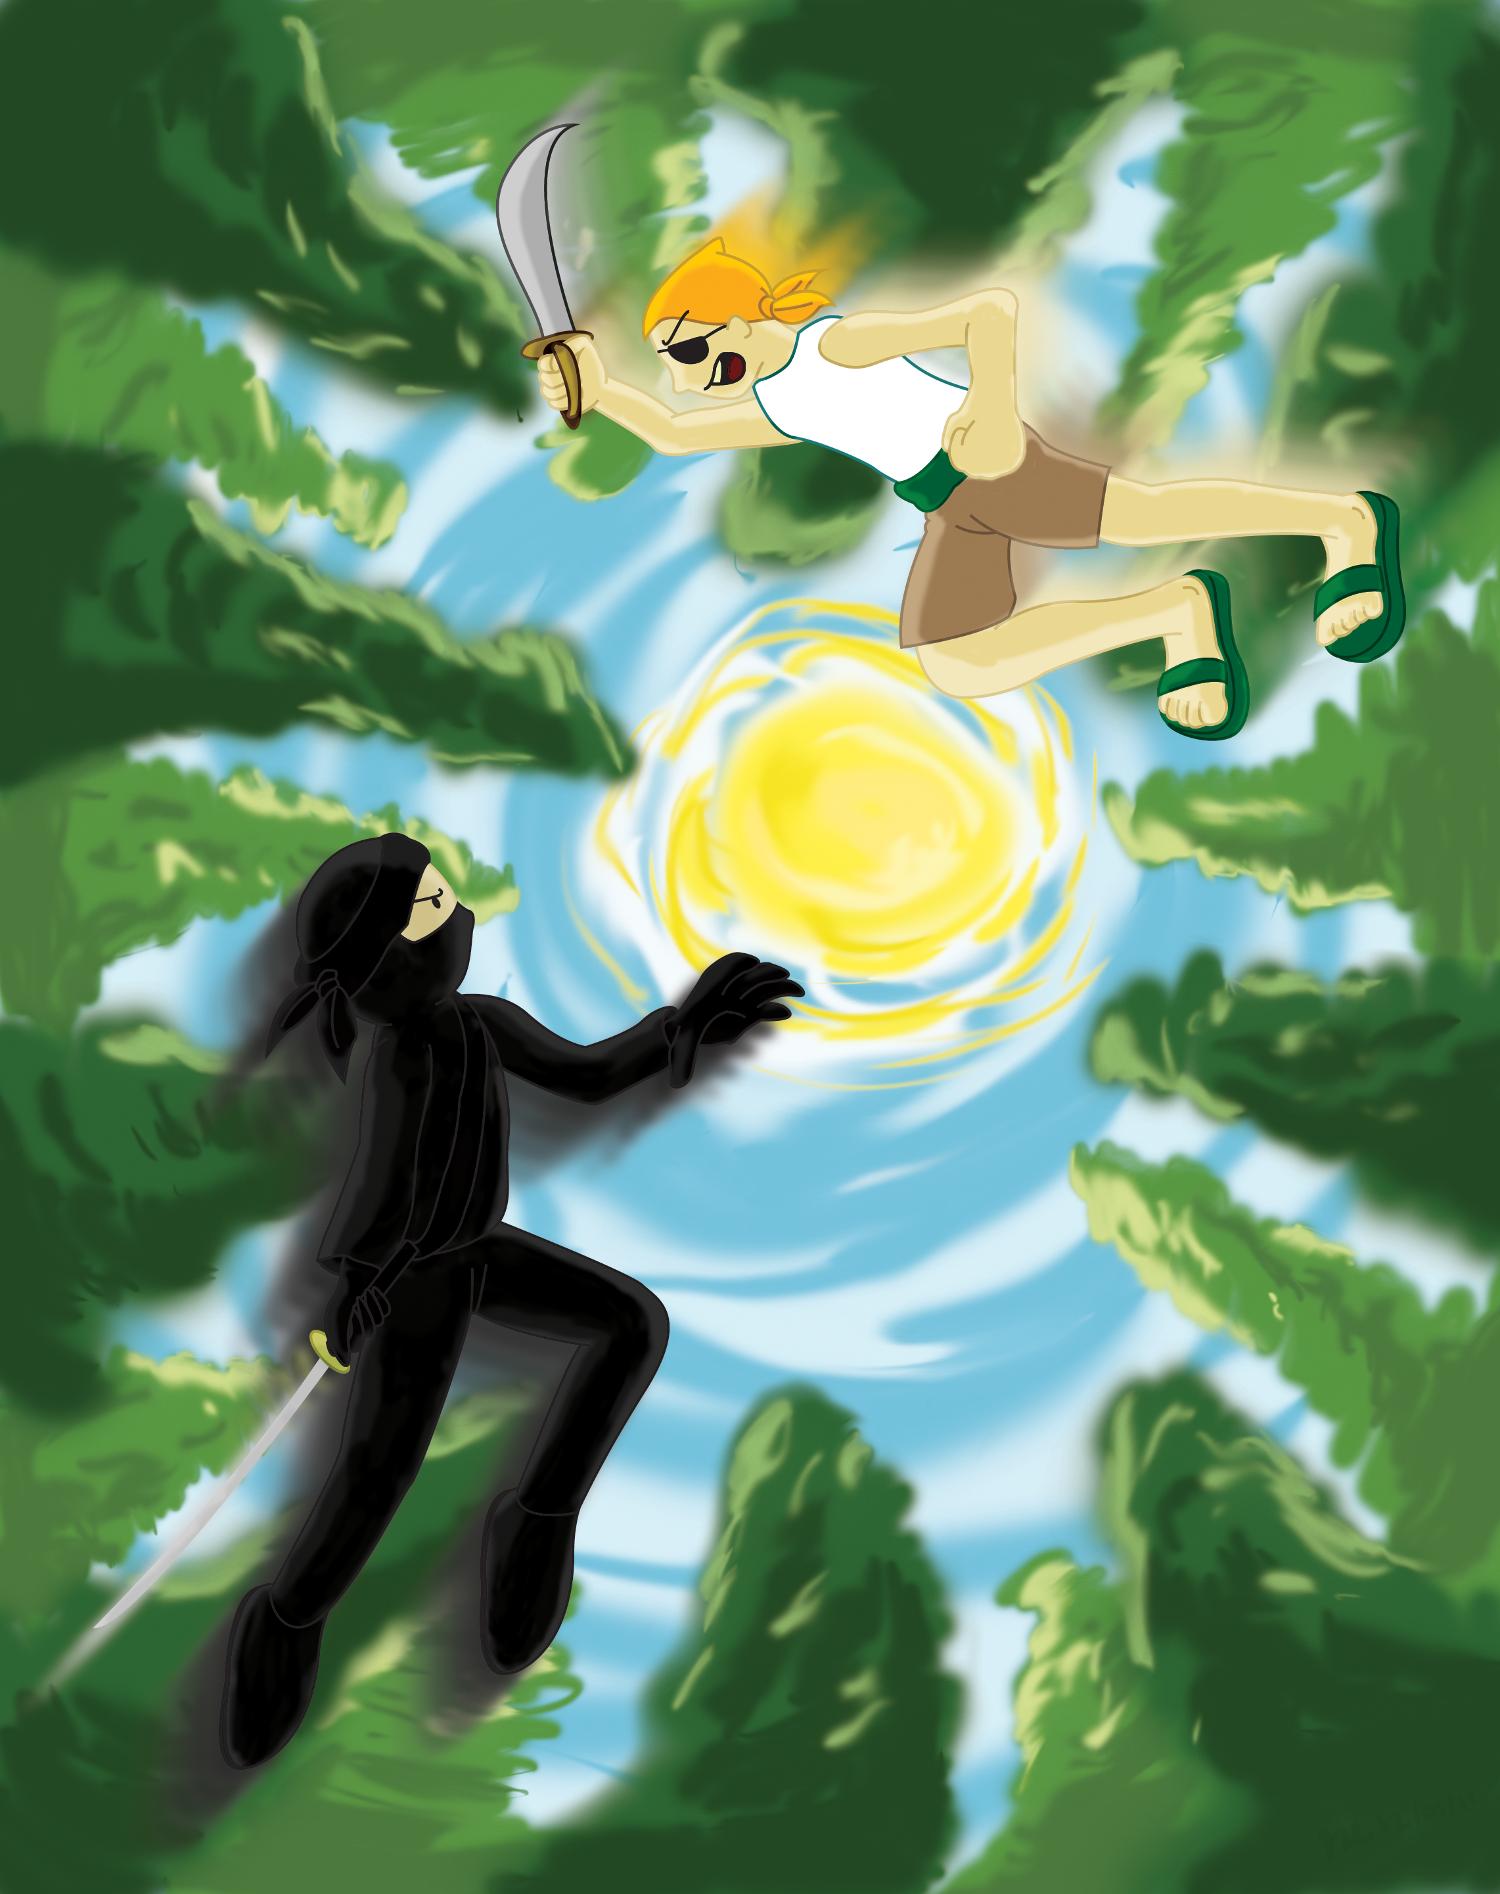 Ninja vs Pirate